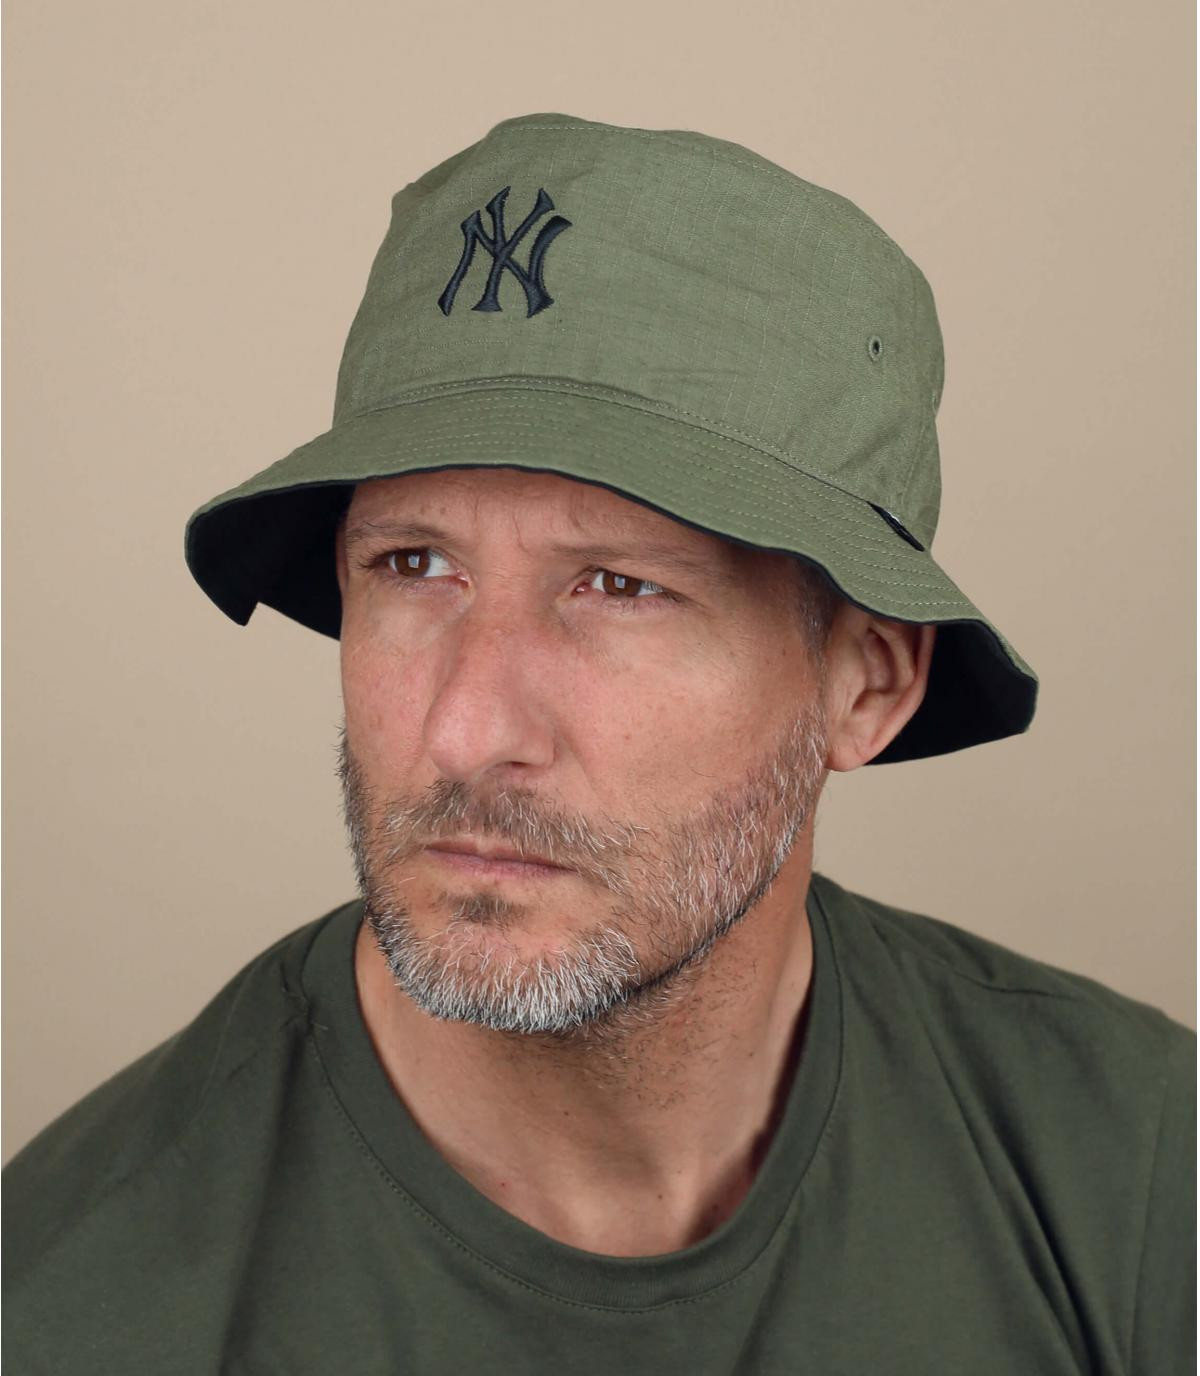 bob NY verde